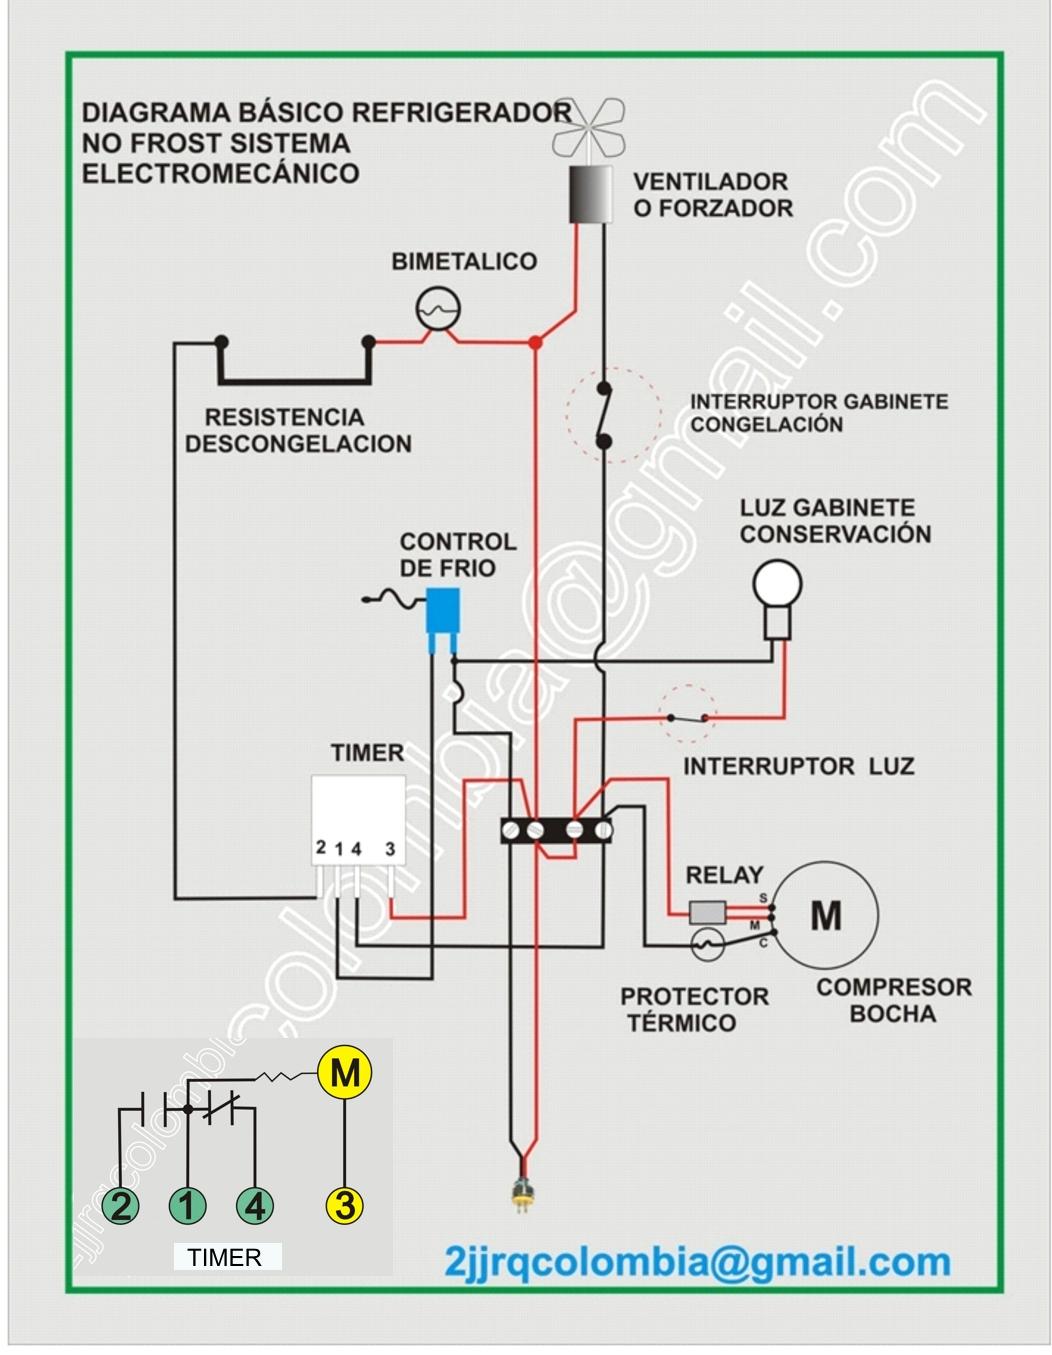 Circuito Basico : Circuito elÉctrico de un refrigerador domÉstico sencillo climax